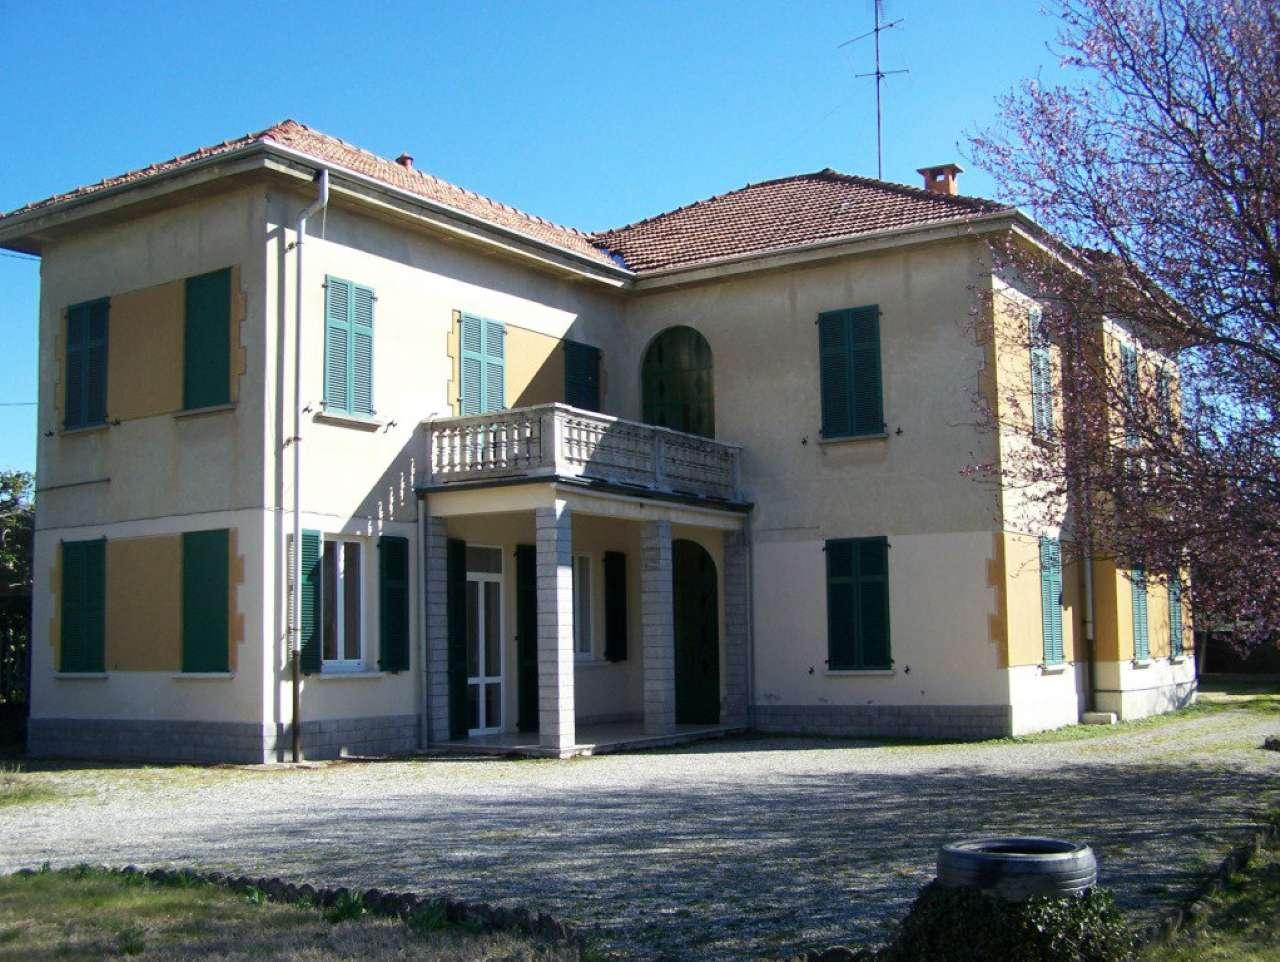 Soluzione Indipendente in vendita a Oggiona con Santo Stefano, 10 locali, prezzo € 330.000 | CambioCasa.it